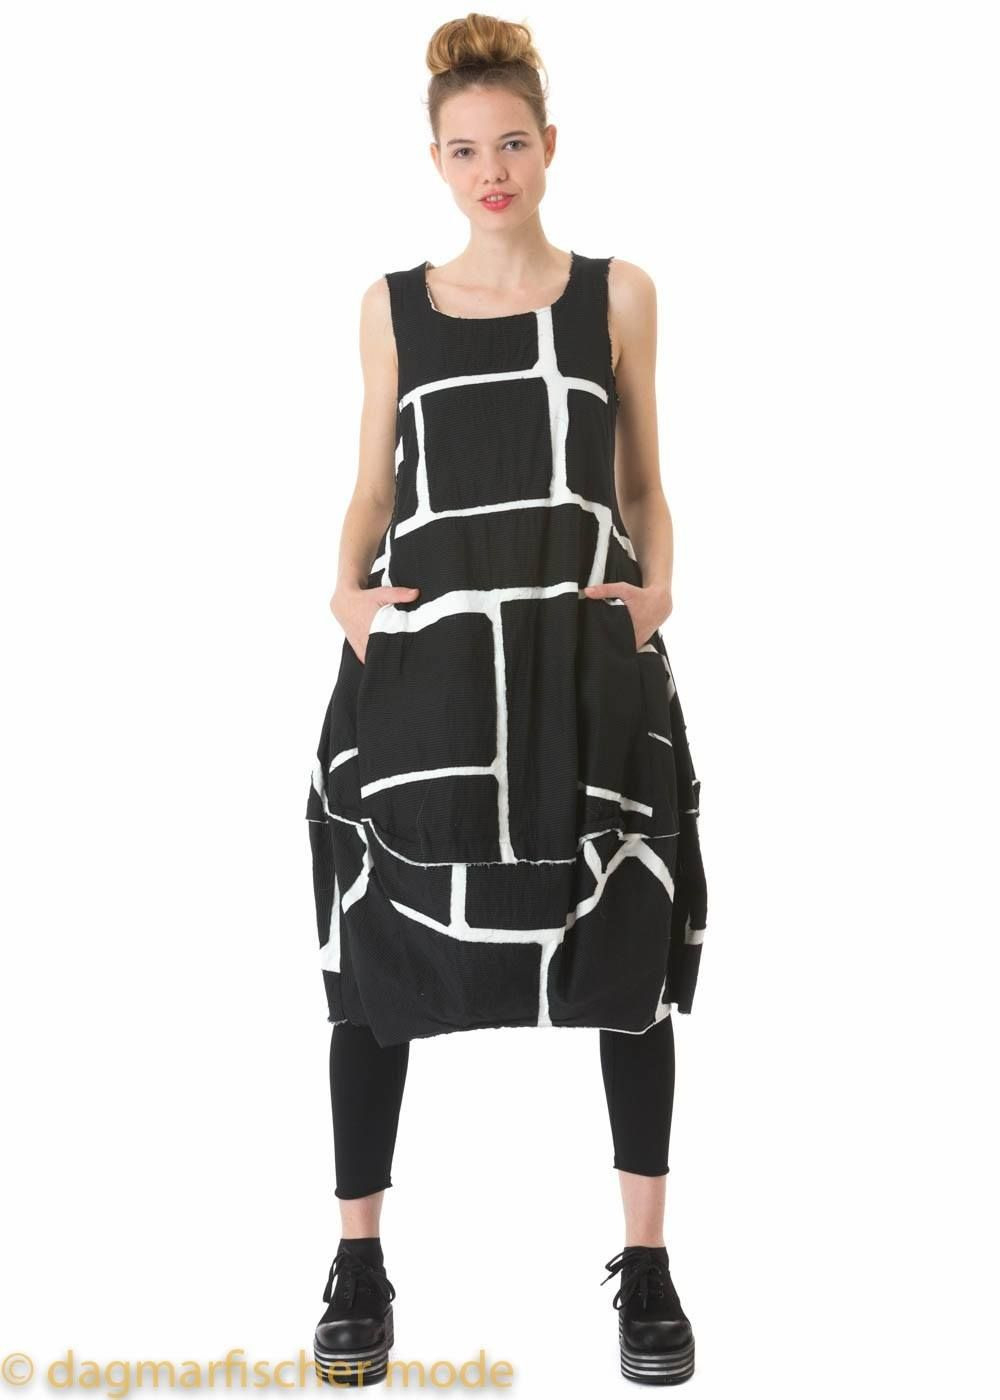 Edles Kleid In Off White Von Rundholz  Dagmarfischer Mode